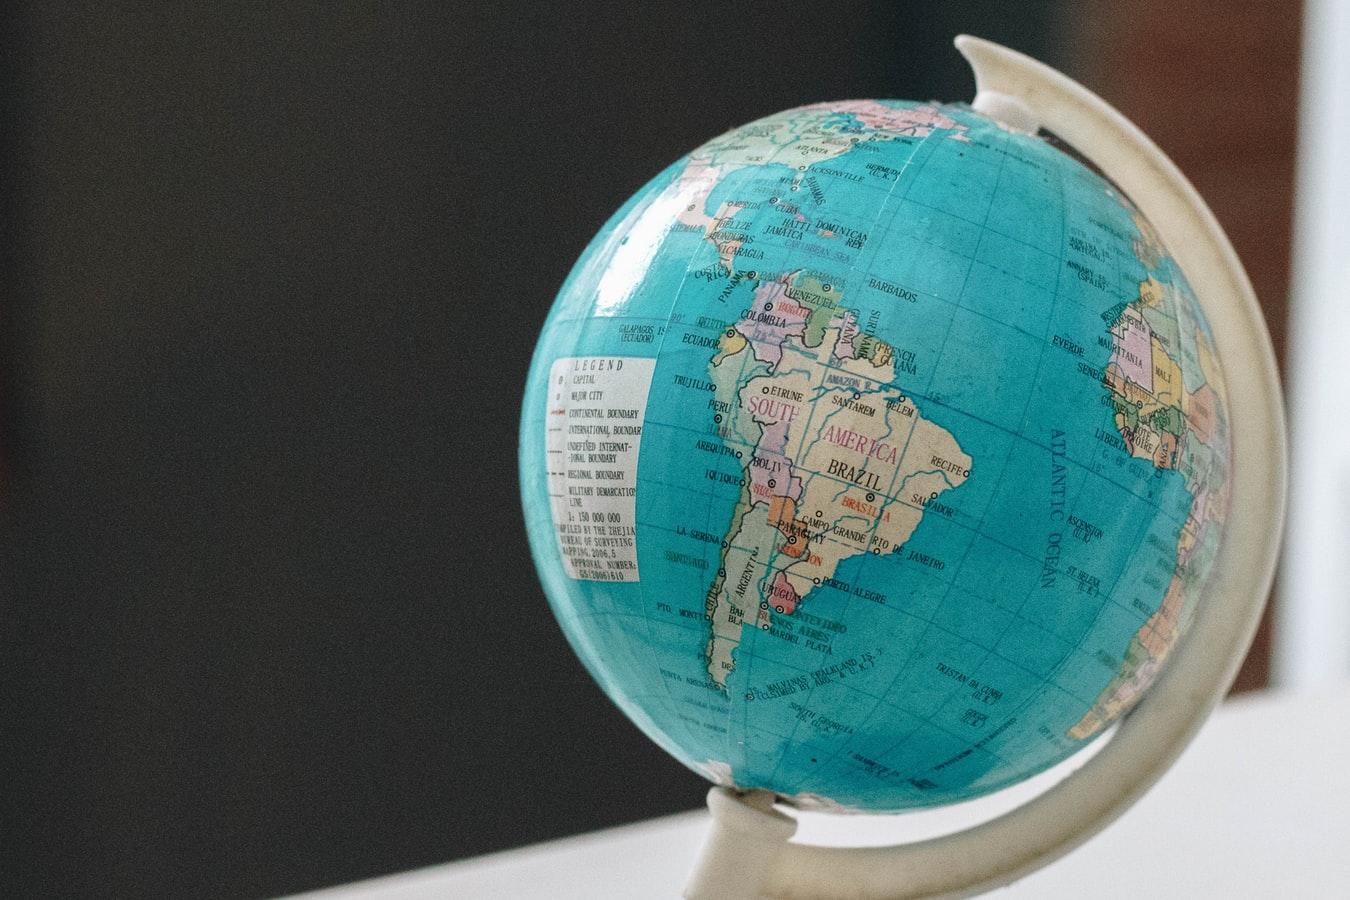 Aprender geografía con mapas flash interactivos ¡fácil y divertido!